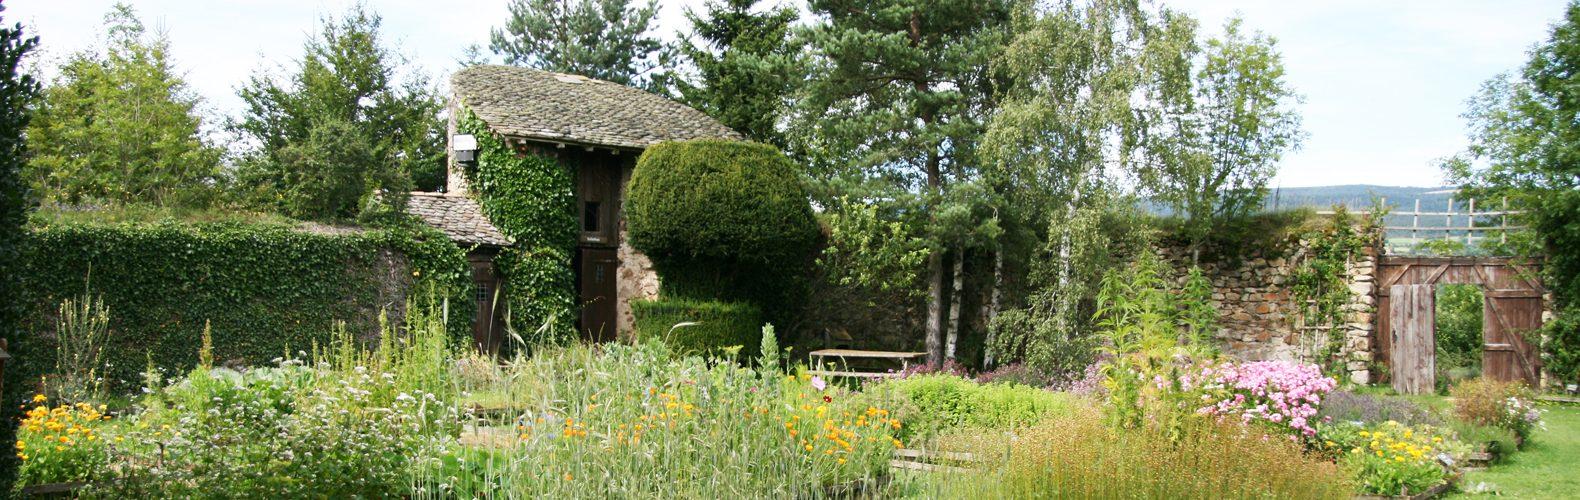 Le jardin de St Martin